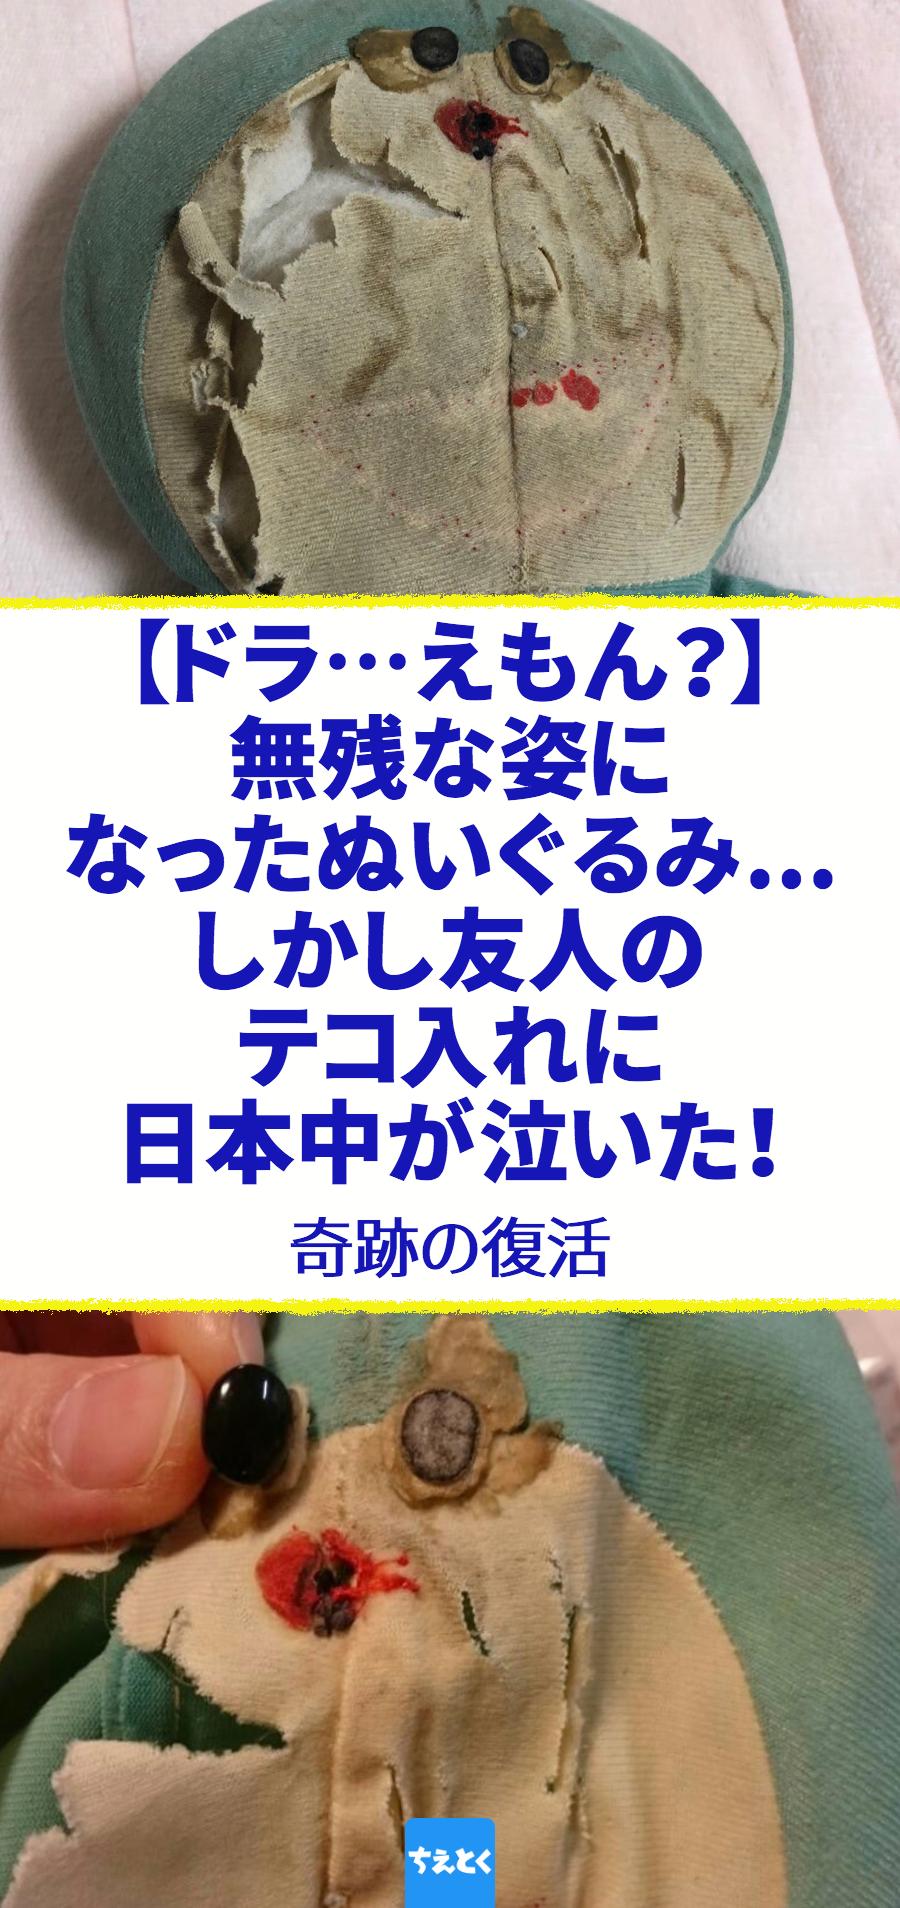 ドラ えもん 無残な姿になったぬいぐるみ しかし友人のテコ入れに日本中が泣いた ドラえもん 人形 ぬいぐるみ ボロボロ 復活 感動 アニメ 修理 大人になっても奇跡は起こるよ なんて歌詞がありますが 多くの人はそんな奇跡とは無縁の生活を送って